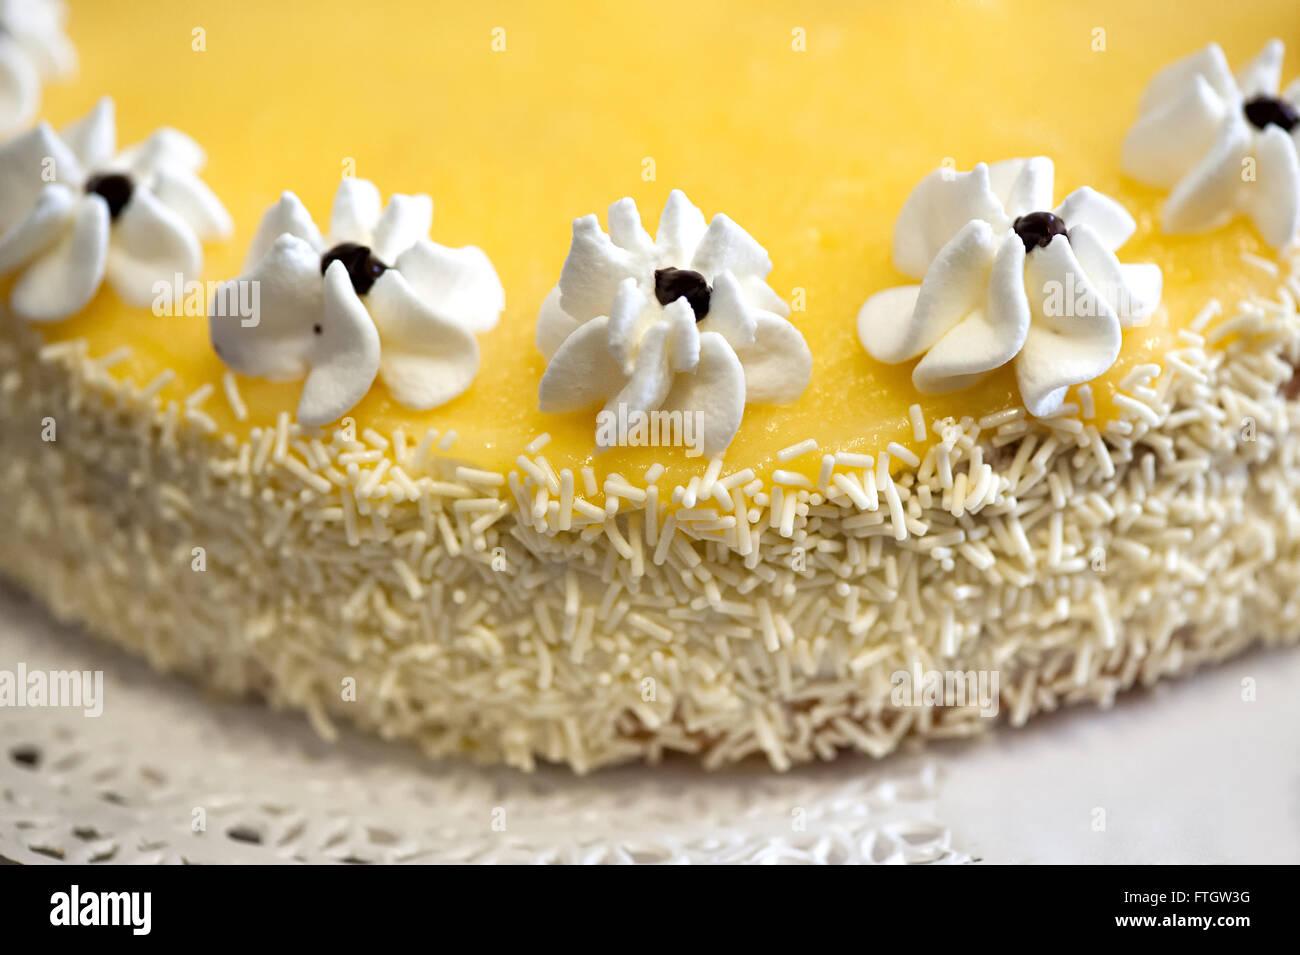 Hohen Winkel schließen sich kulinarische Stillleben mit hausgemachte Zitronenkuchen mit Zuckerguss Blumen geschmückt Stockbild